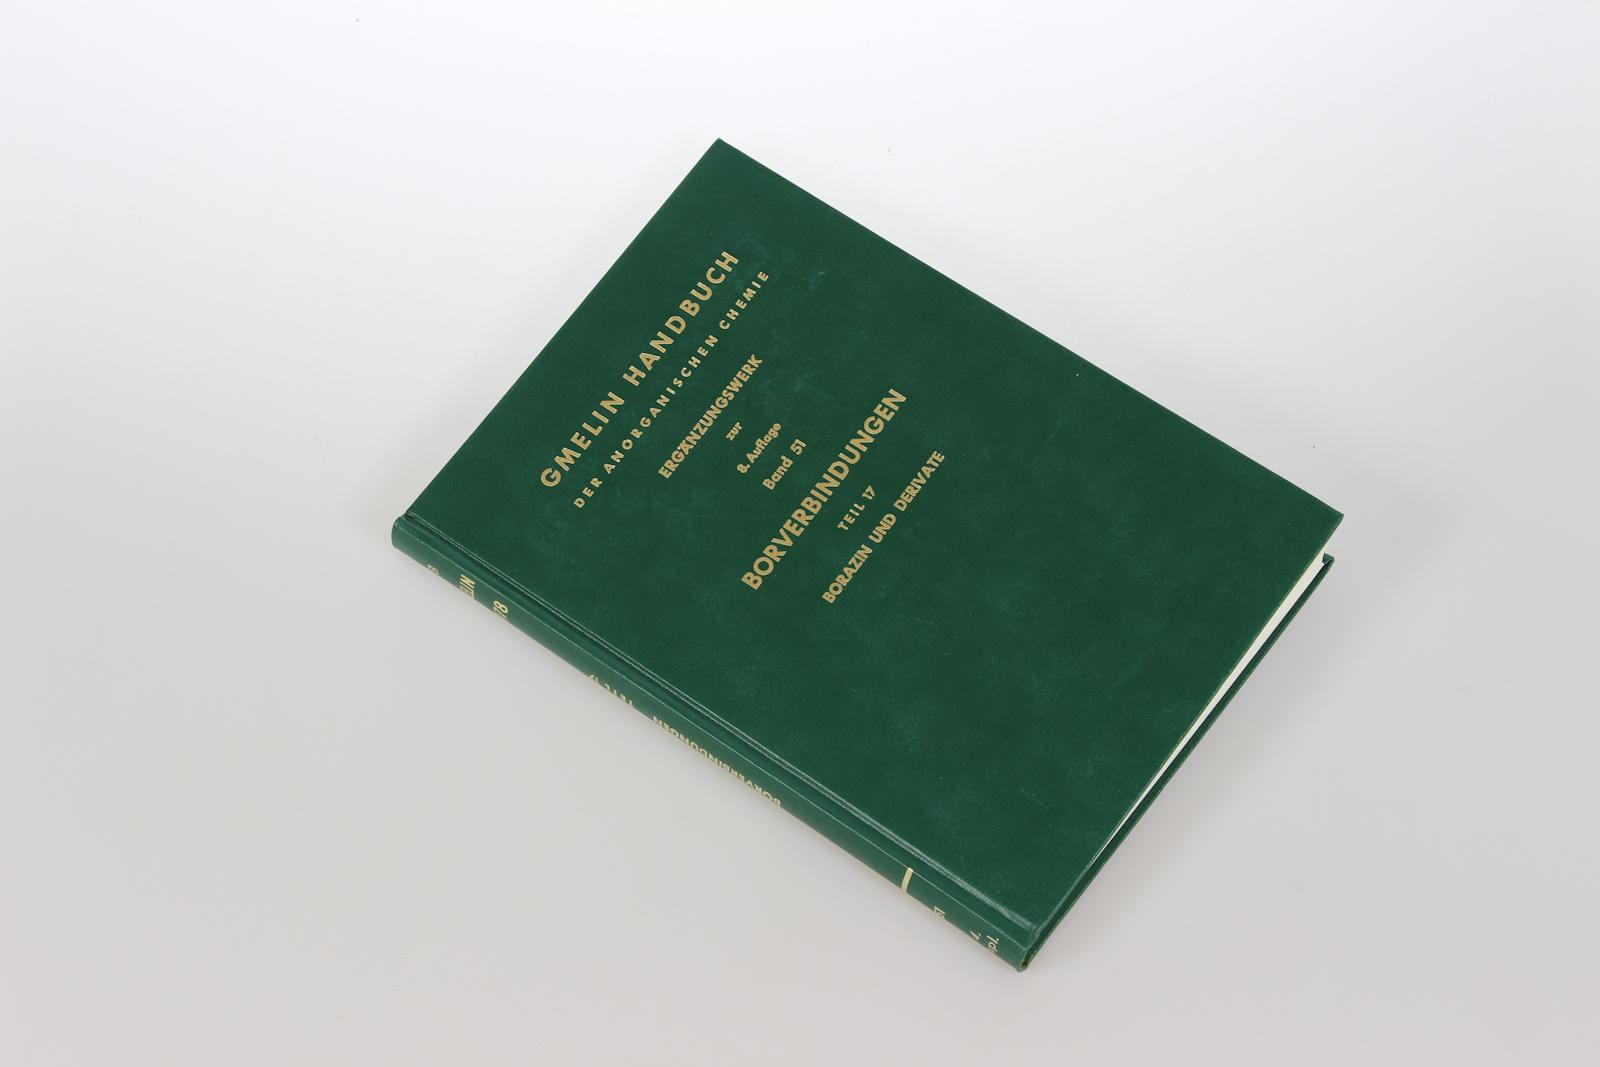 Gmelins Handbuch der Anorganischen Chemie. Ergänzungswerk zur 8. Auflage. Bd.51: Borverbindungen, Teil 17: Borazin und seine Derivate.